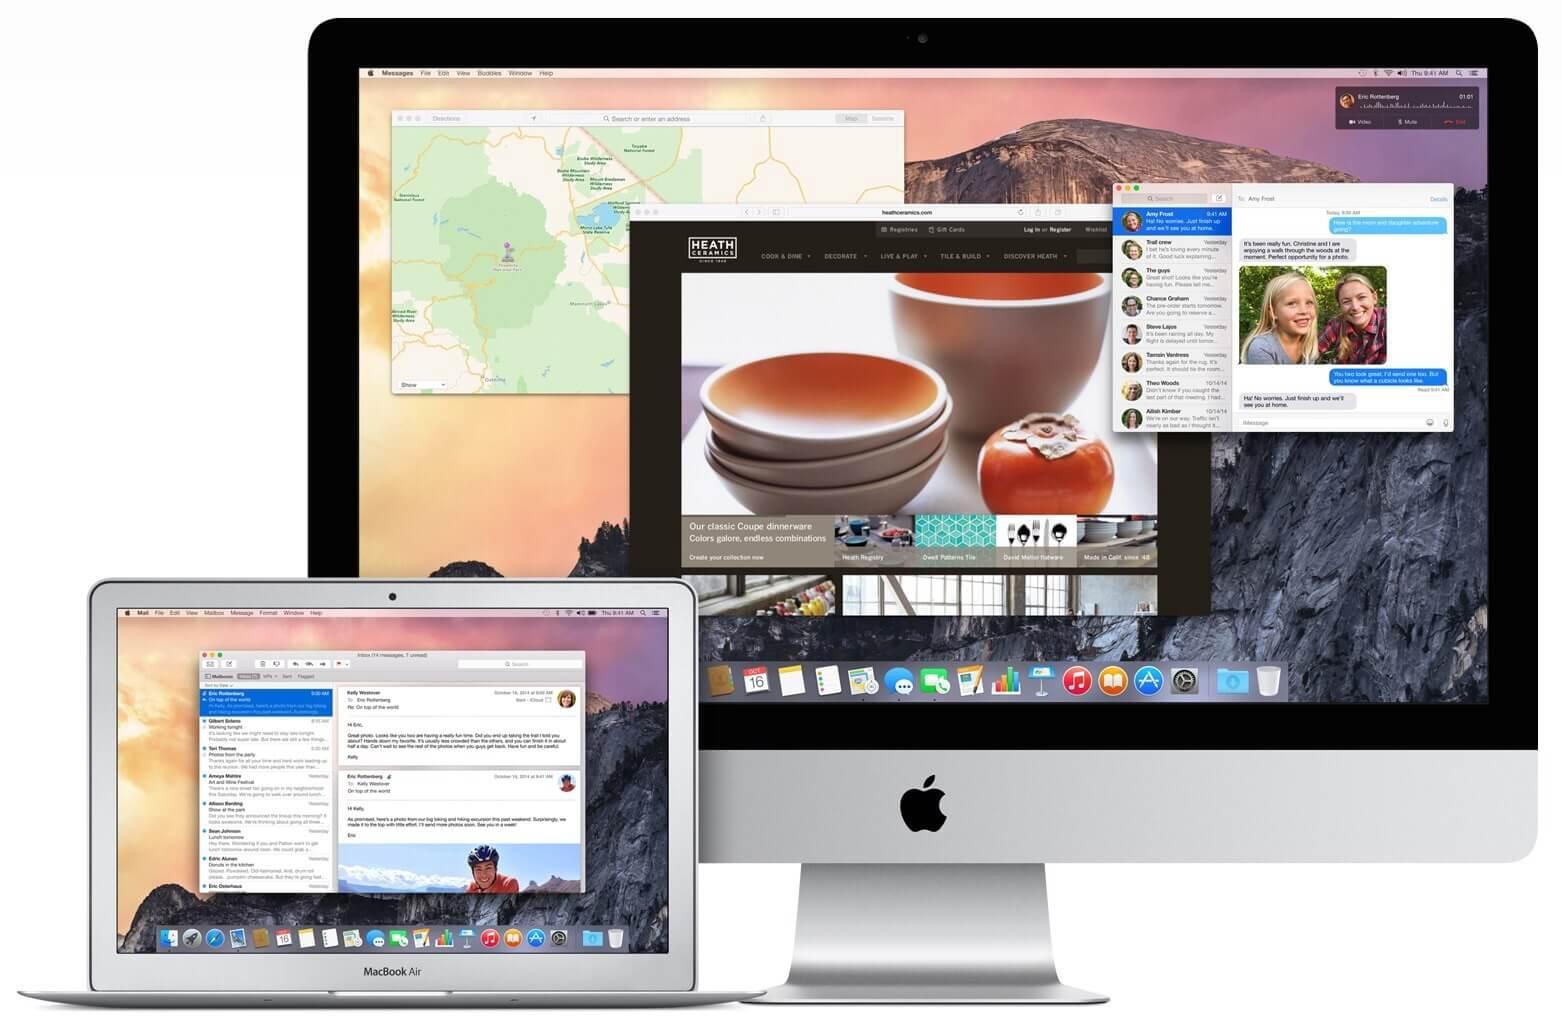 Błędy w OS X 10.10 Yosemite Beta.